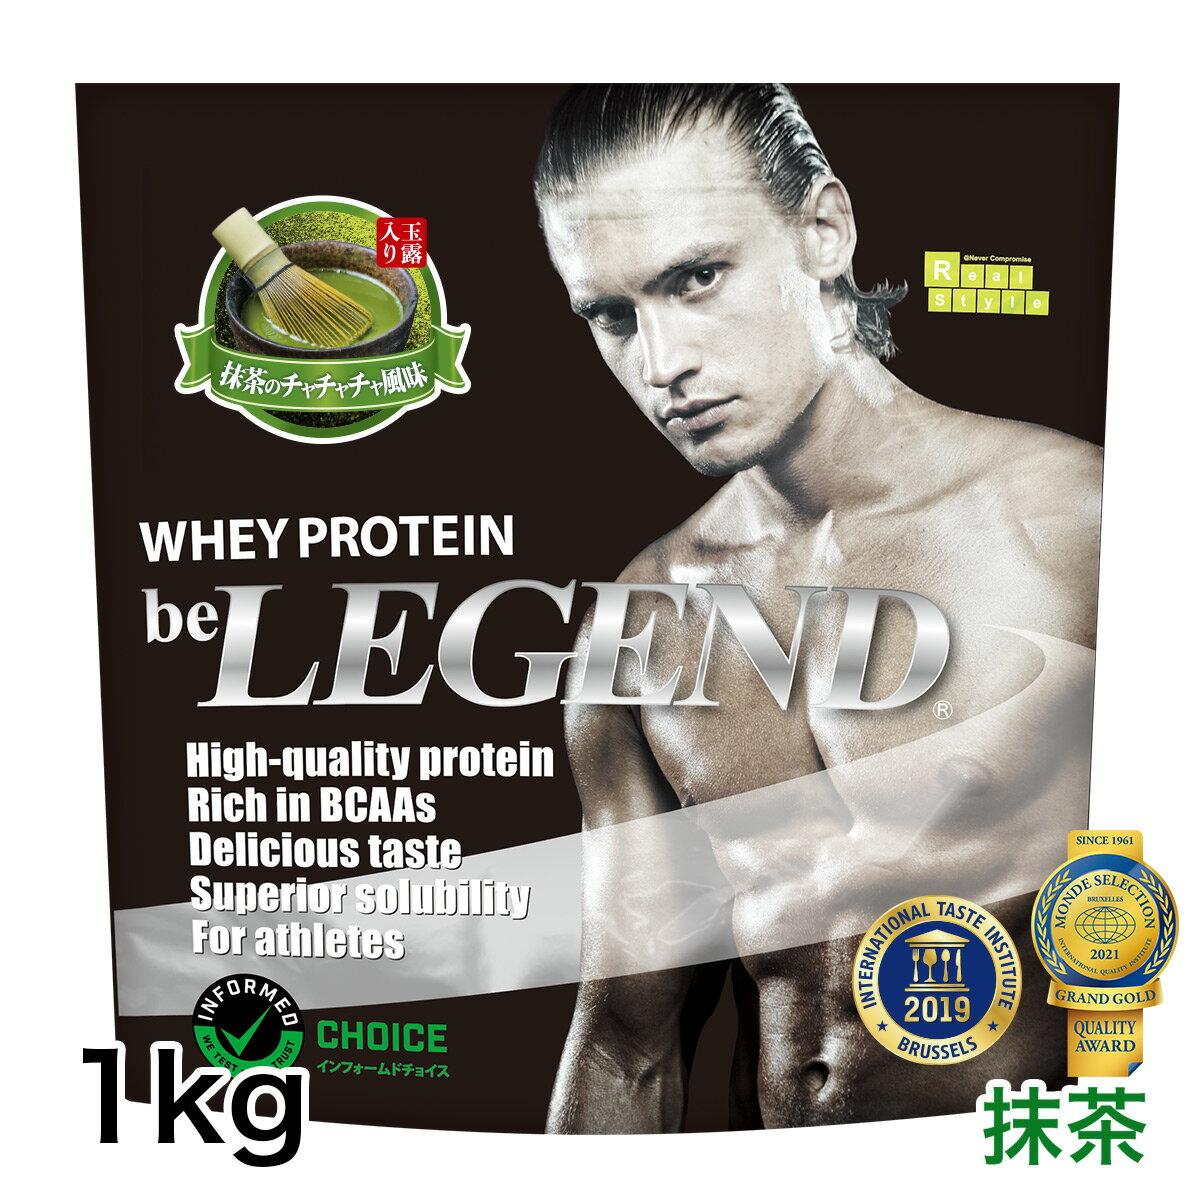 ビーレジェンド プロテイン 抹茶のチャチャチャ風味 1kg(be LEGEND ホエイプロテイン)【オススメ】